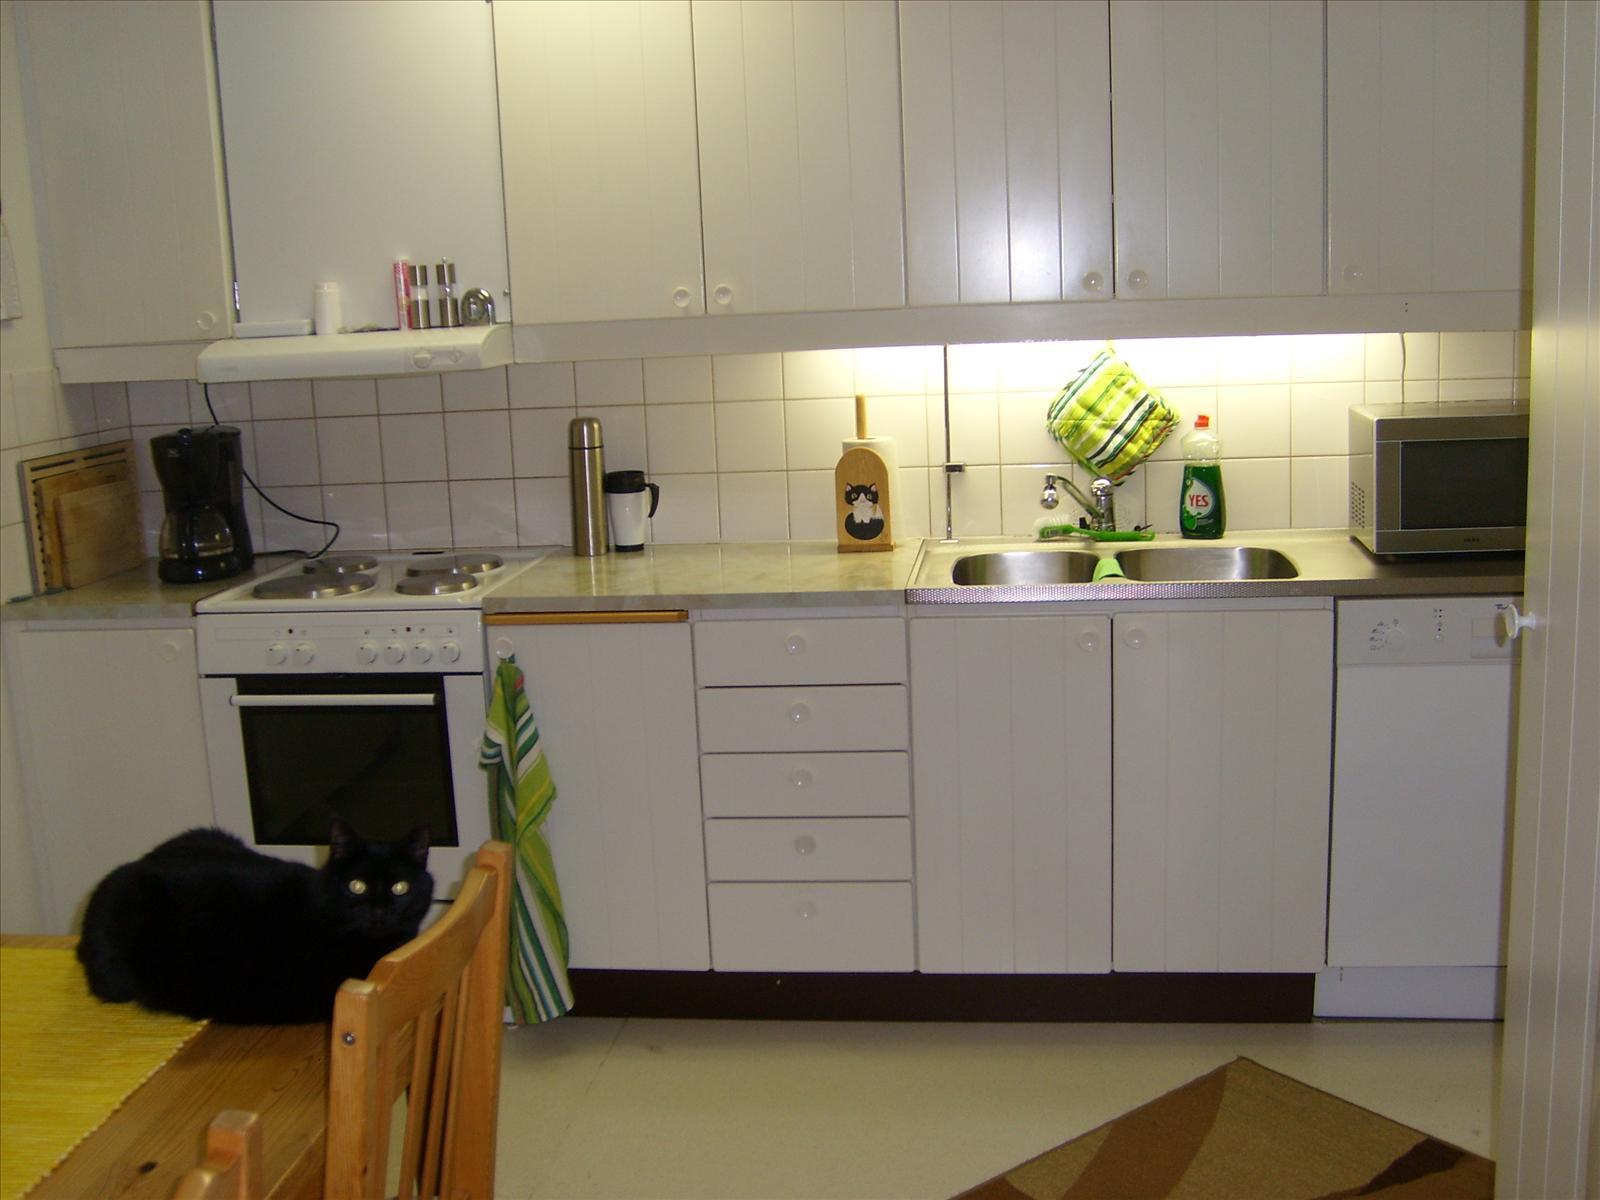 Hur ser ditt kök ut? - 12. Inredning och trädgård - Miljonär ...